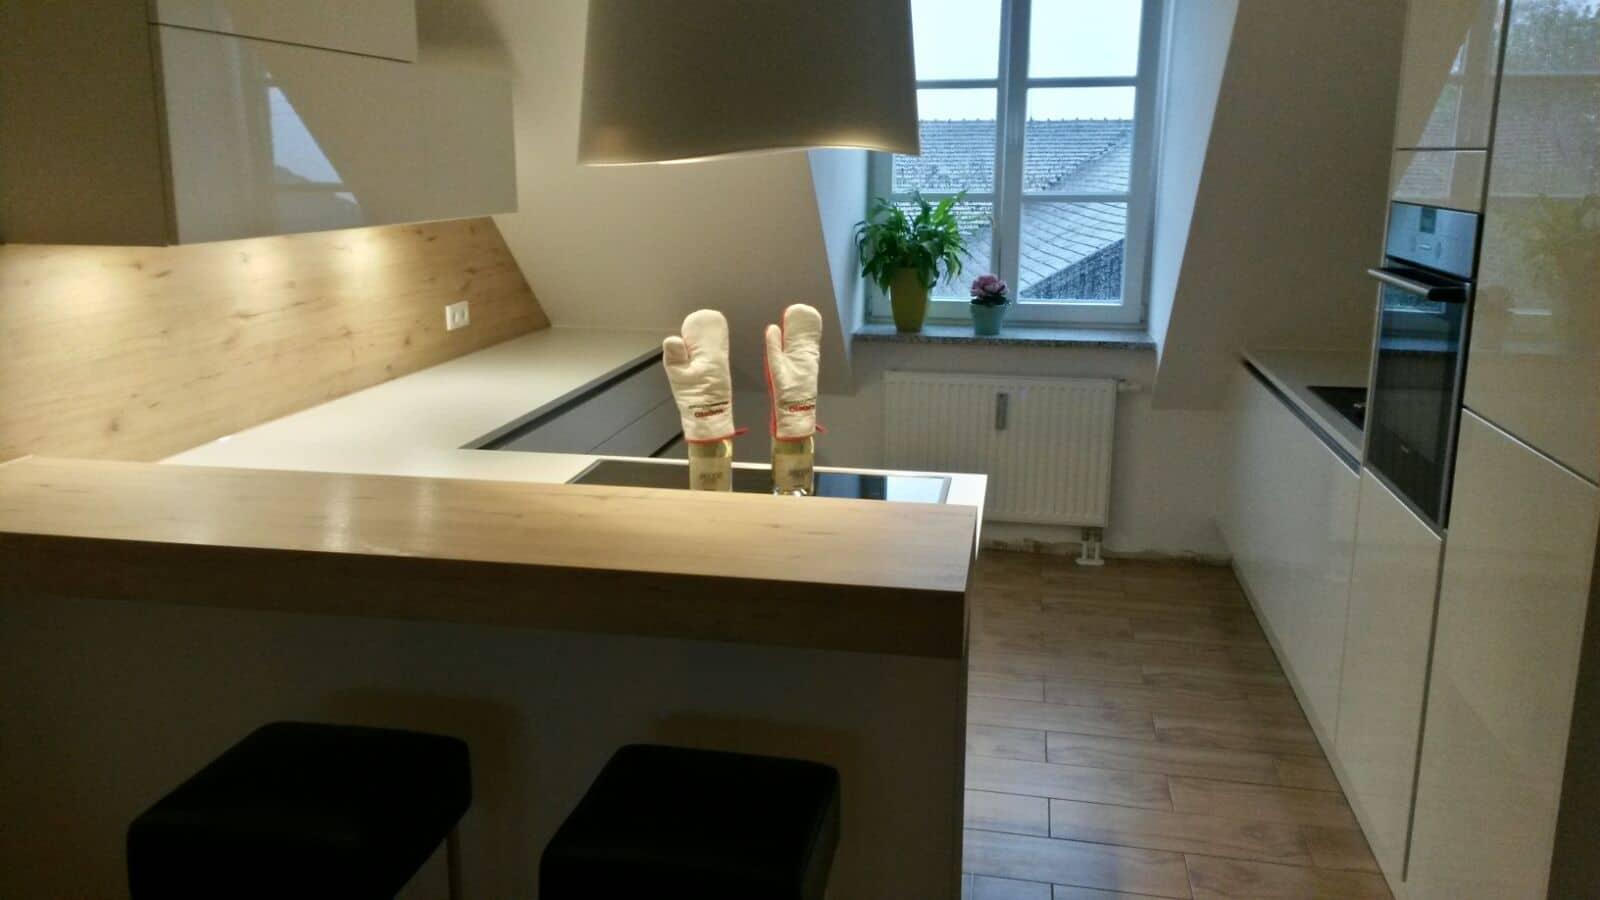 küchenrenovierung & küchensanierung - tiptop renovierung münchen